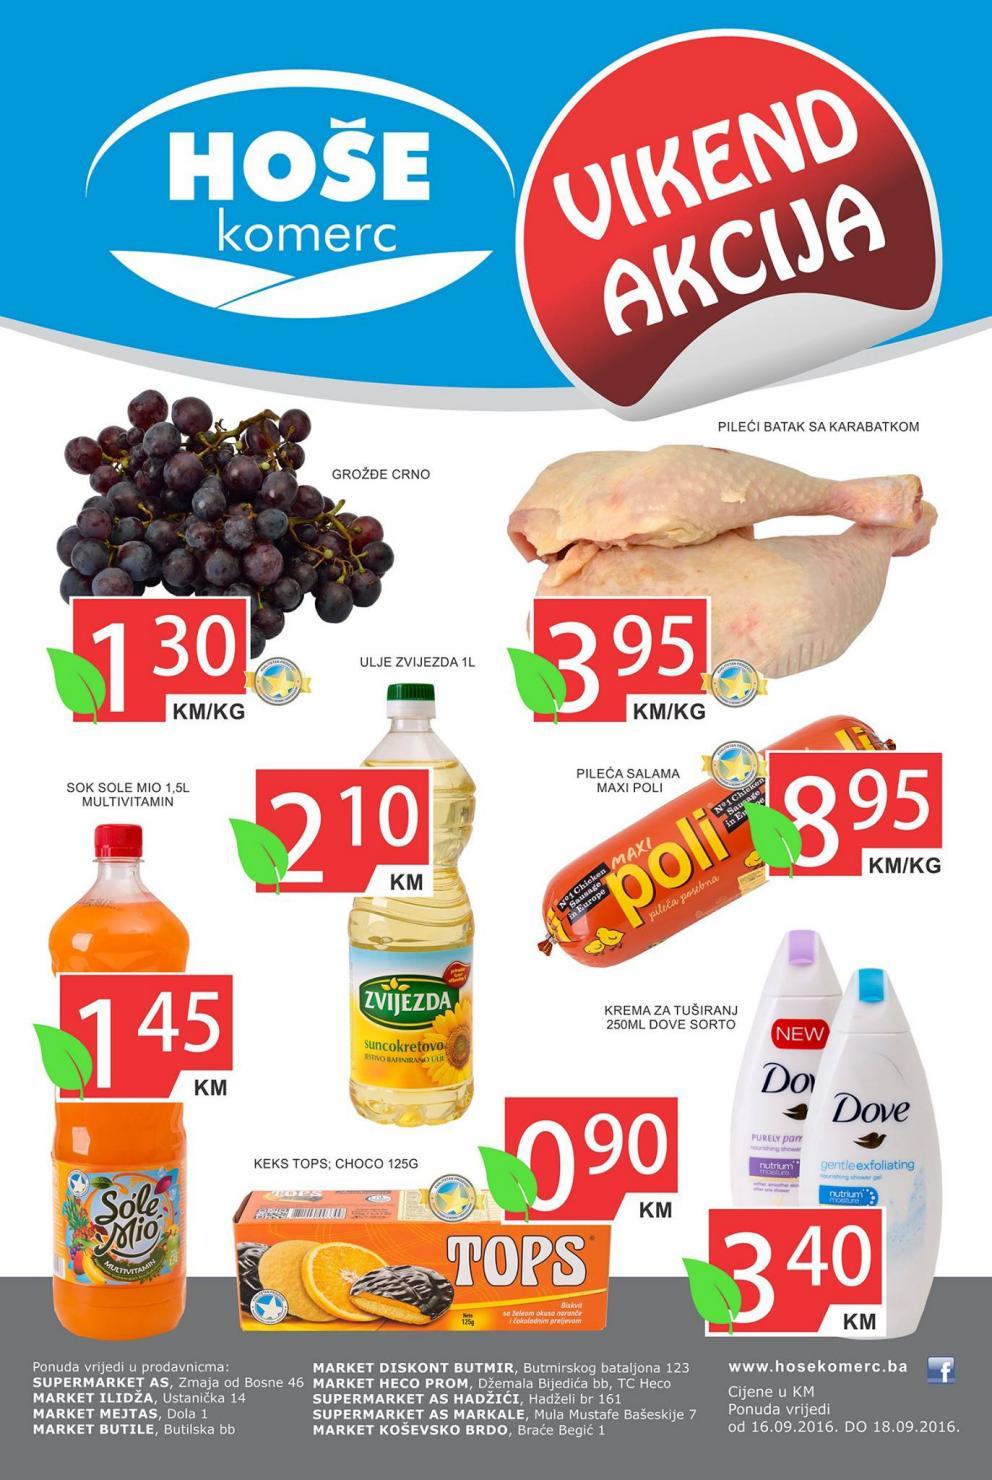 Nova vikend akcija u Hoše komerc supermarketima od 16.- 18.09.2016.